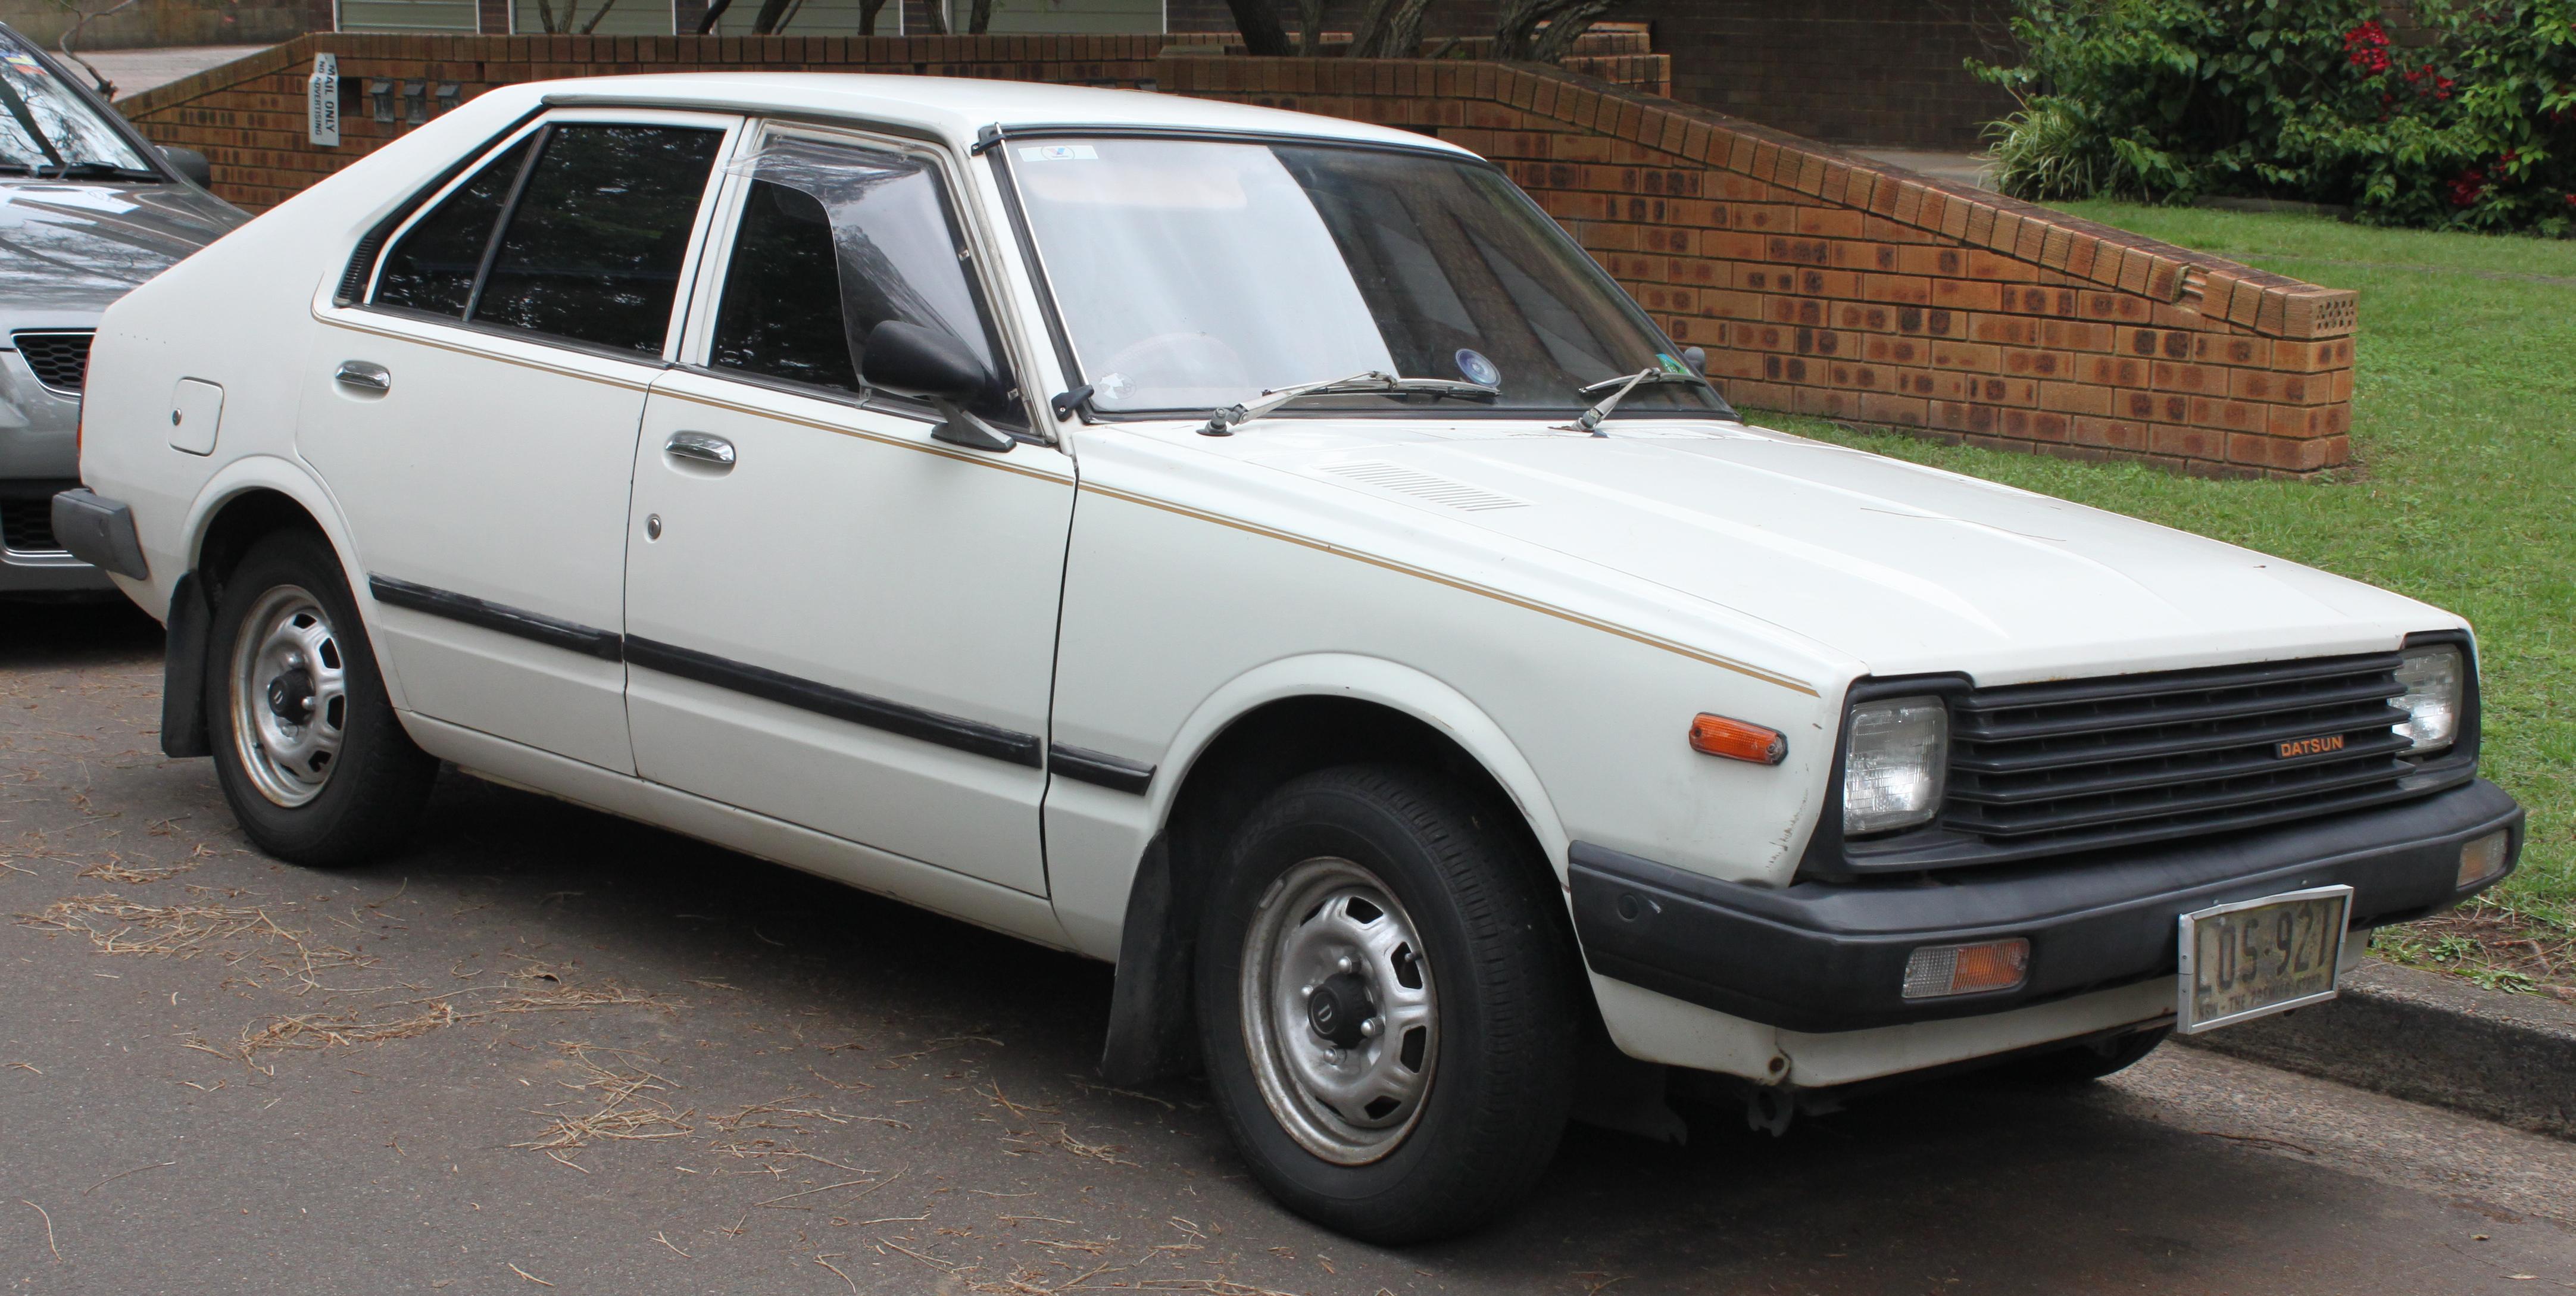 1981 Datsun Pulsar (N10 S2) TL 5-door hatchback (22515476134).jpg